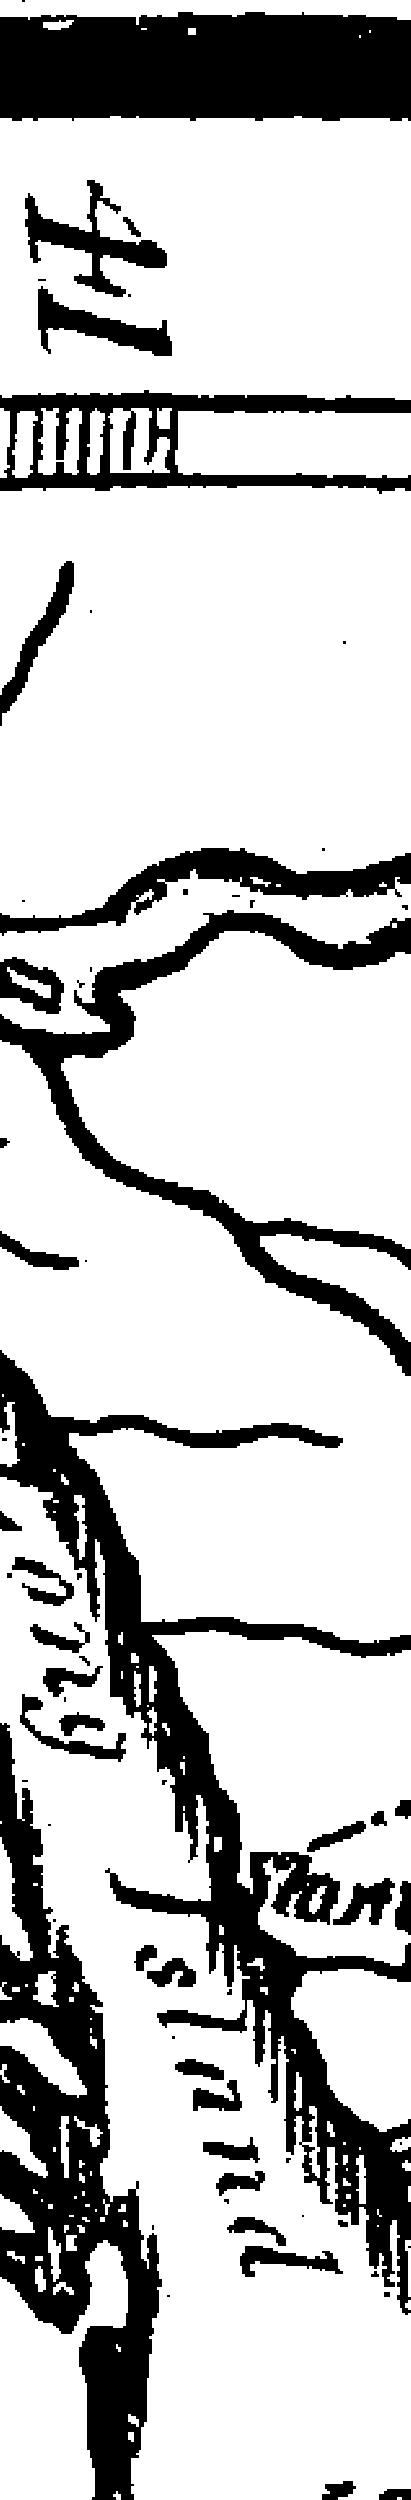 [subsumed][ocr errors]